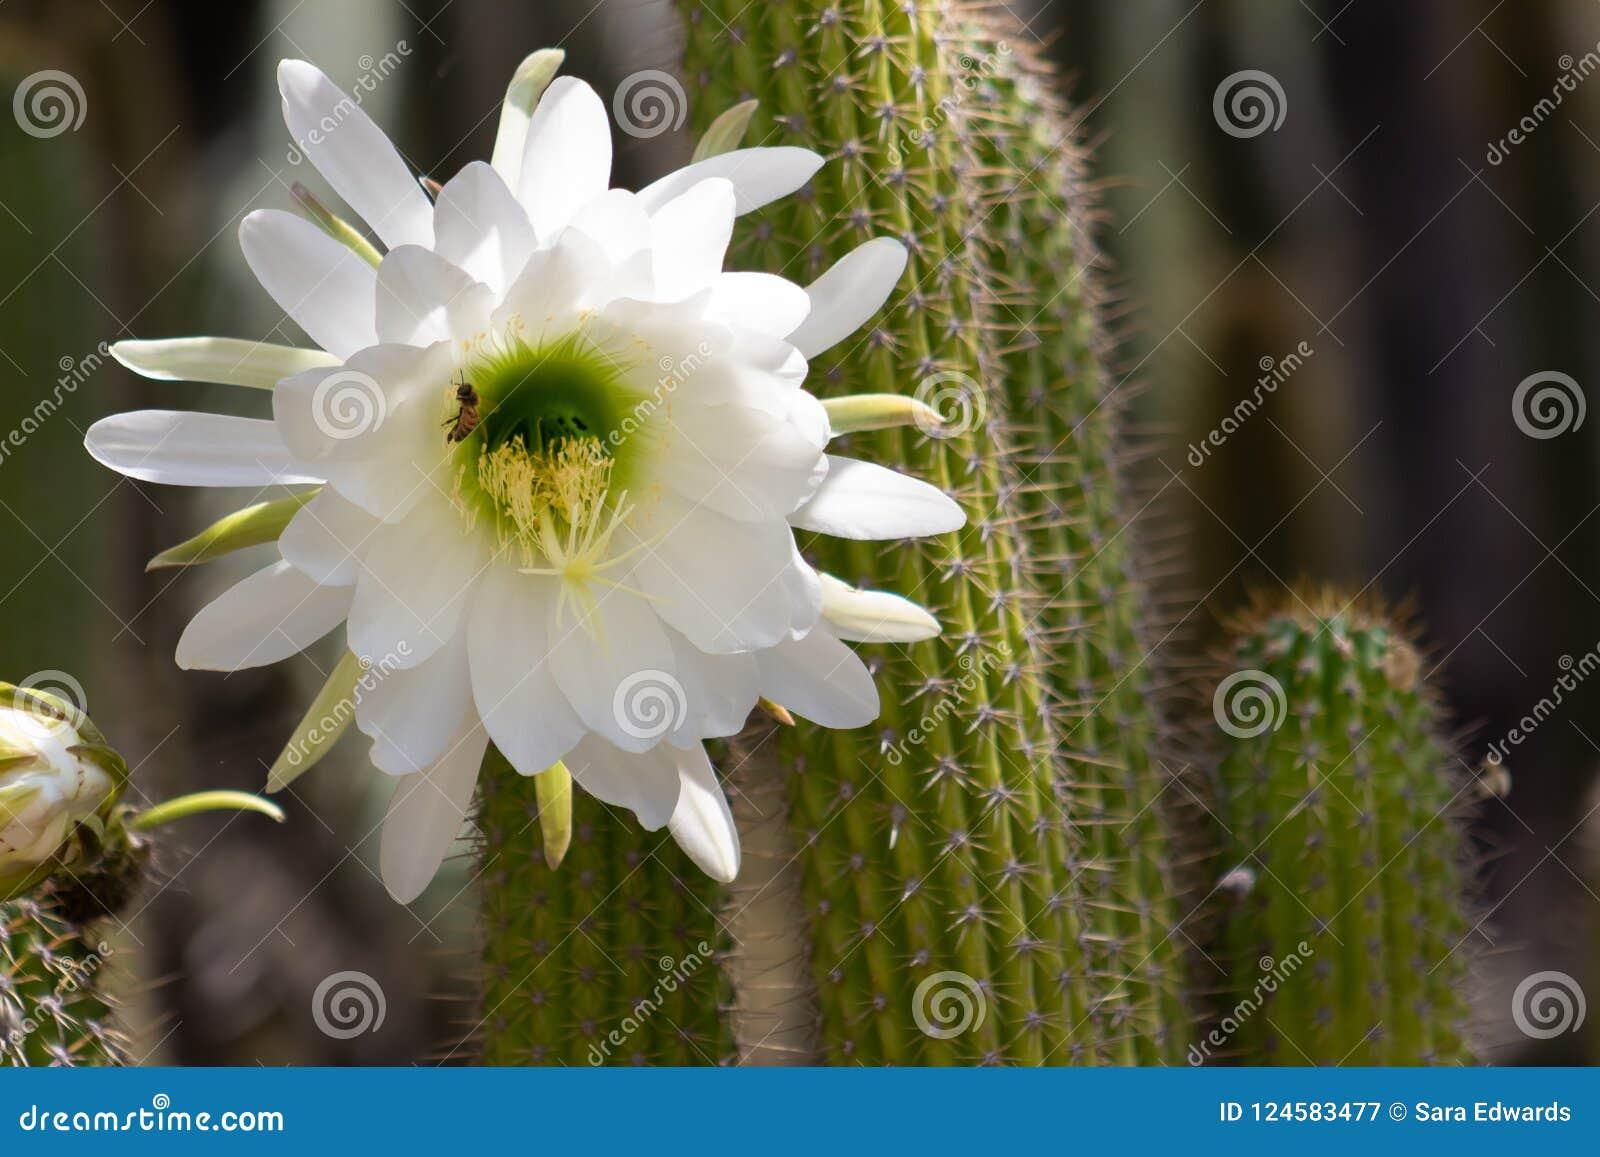 Fleur blanche géante spectaculaire sur un cactus d Echinopsis Schickendantzii avec une abeille obtenant le nectar du centre de la